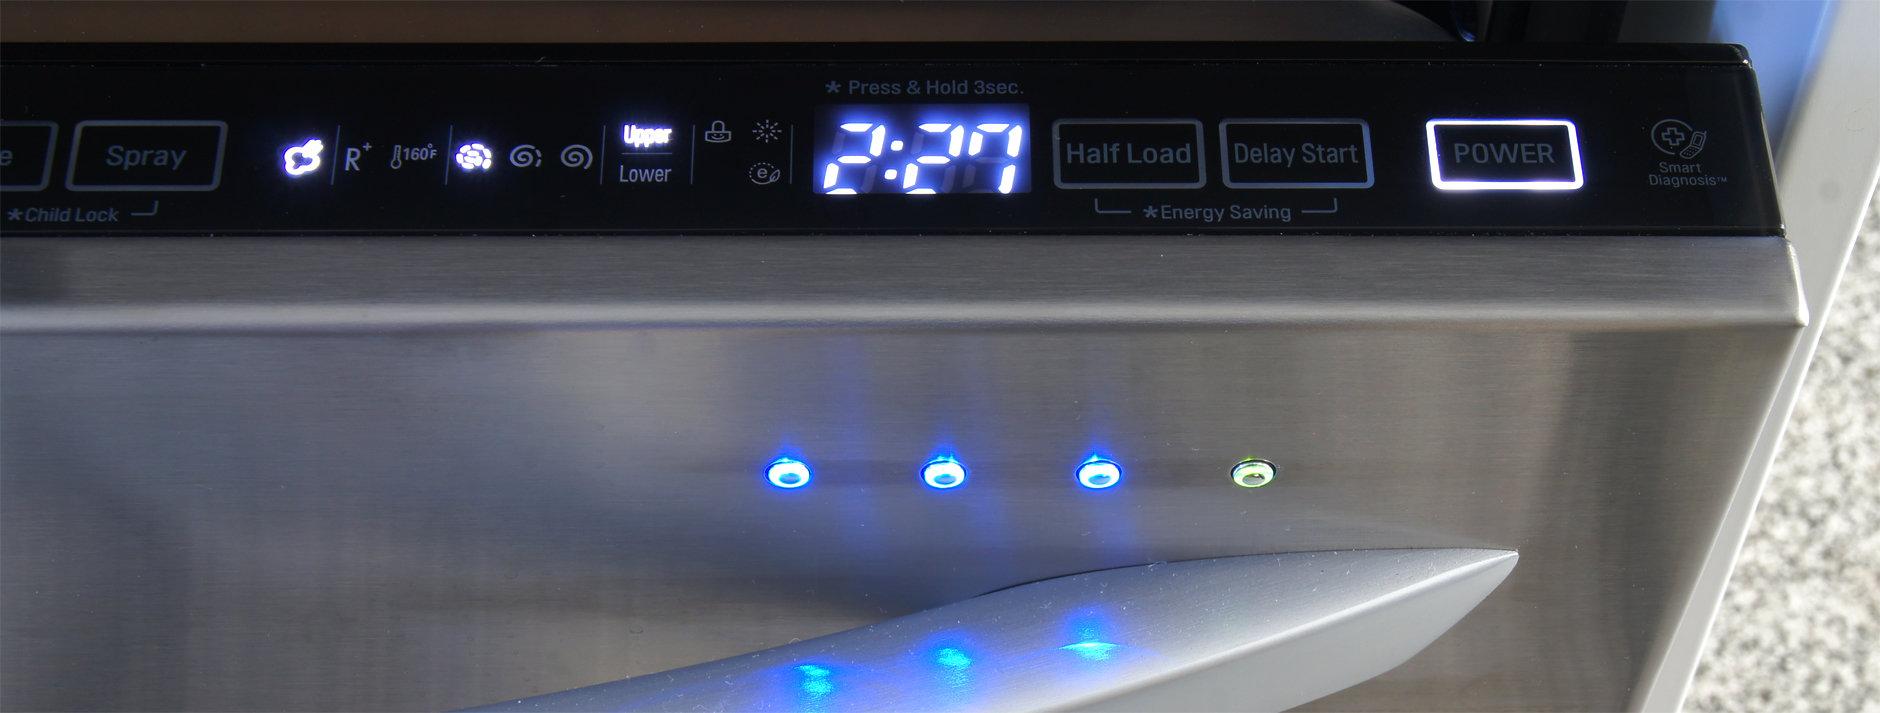 LG LDF8874ST LEDs